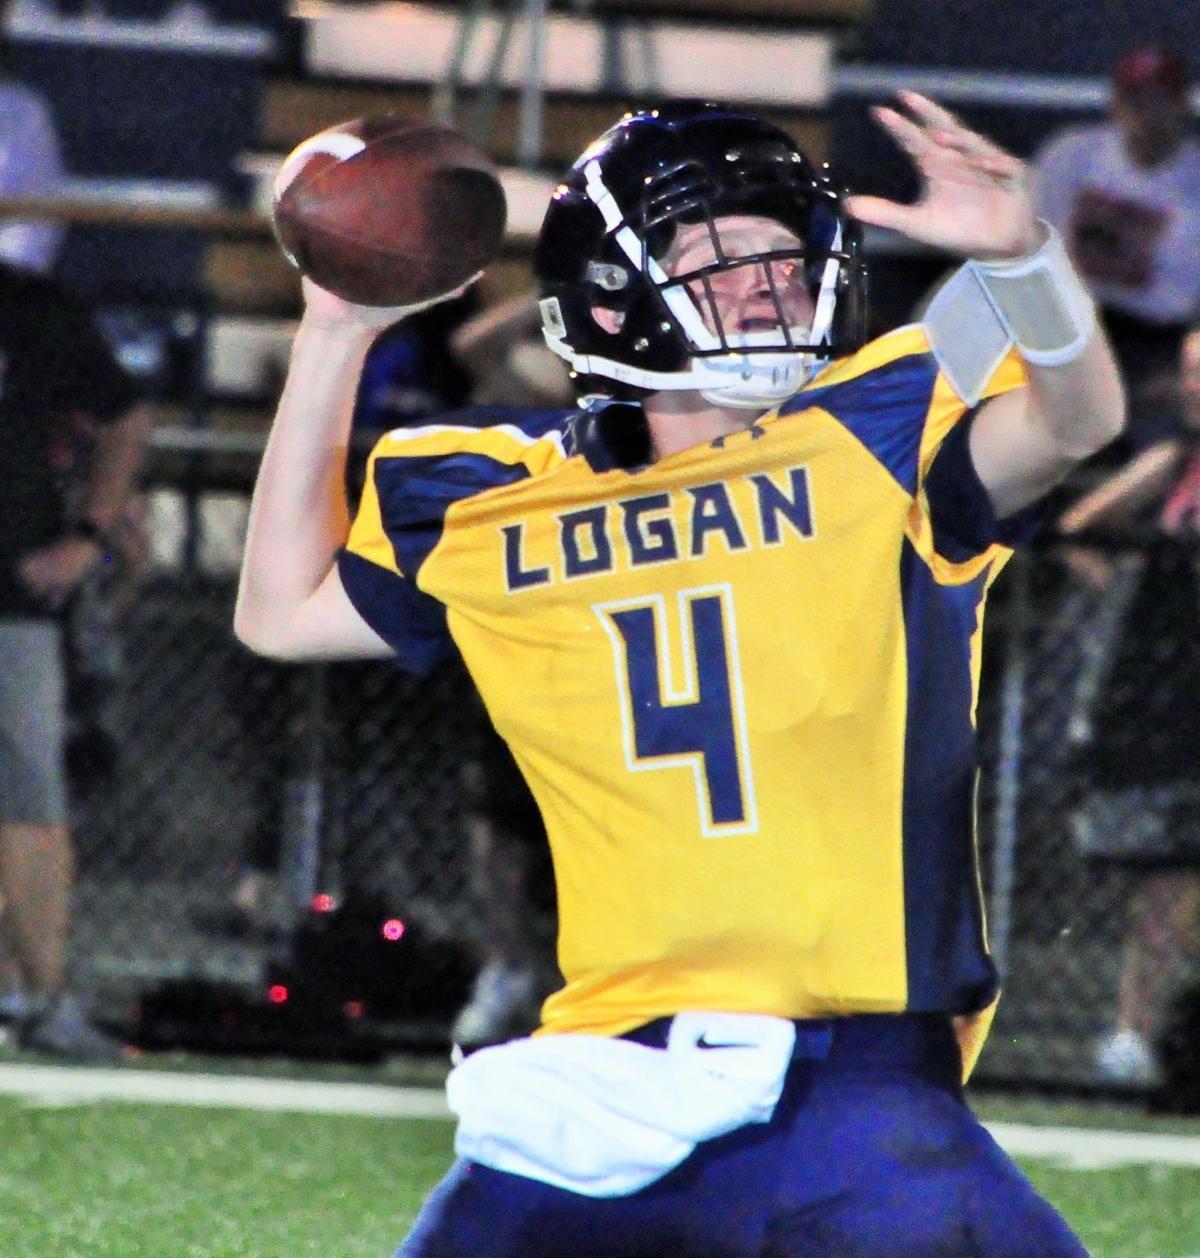 0911_LoganSissonvilleGame Jordan Hayes toss